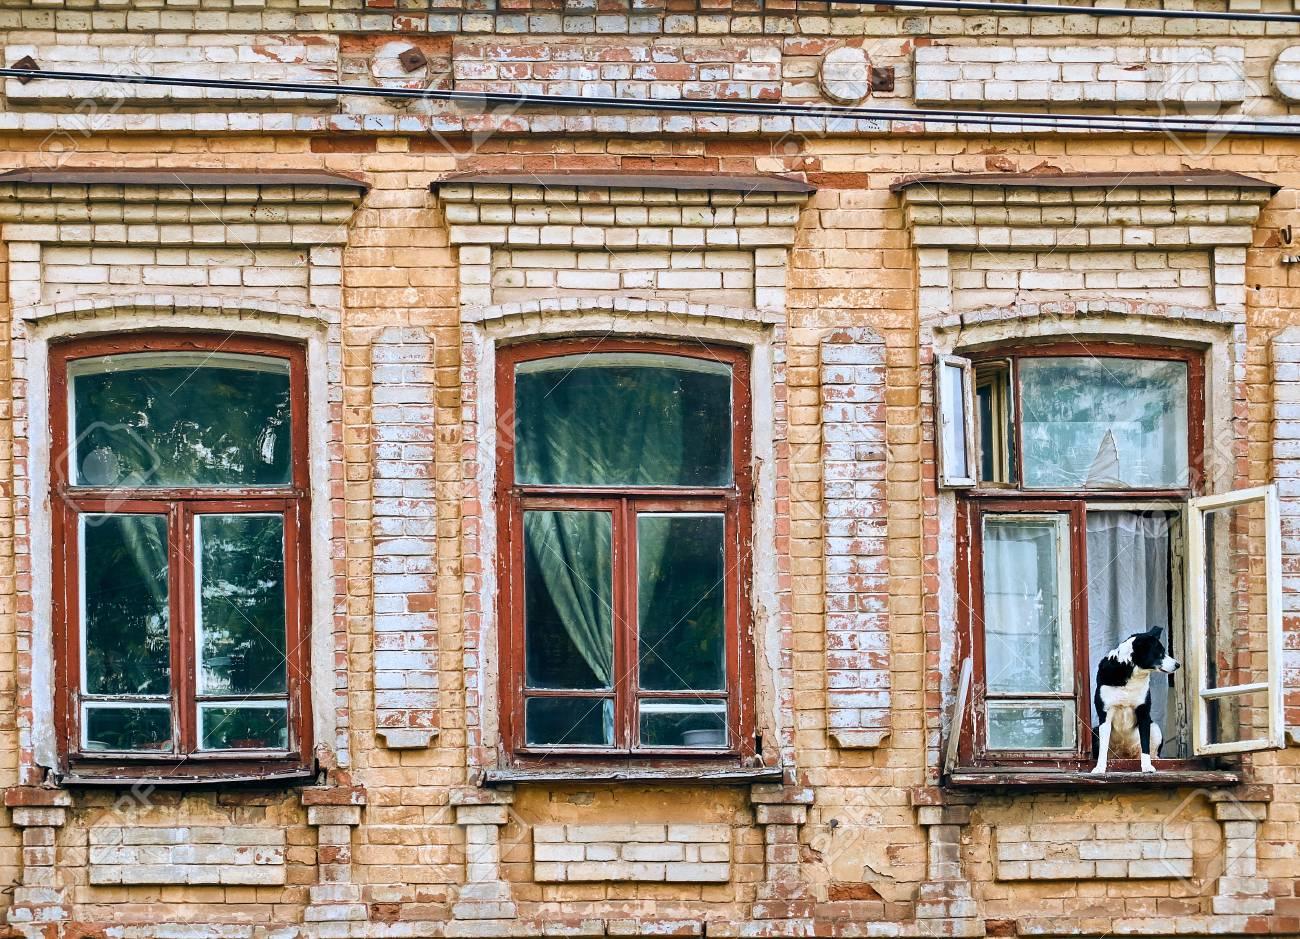 Grand Chien Assis Sur Le Rebord De La Fenêtre Dans Le Vieux Bâtiment Historique Regardant à Lextérieur Lune Des Trois Fenêtres En Bois Prêts à Fuir